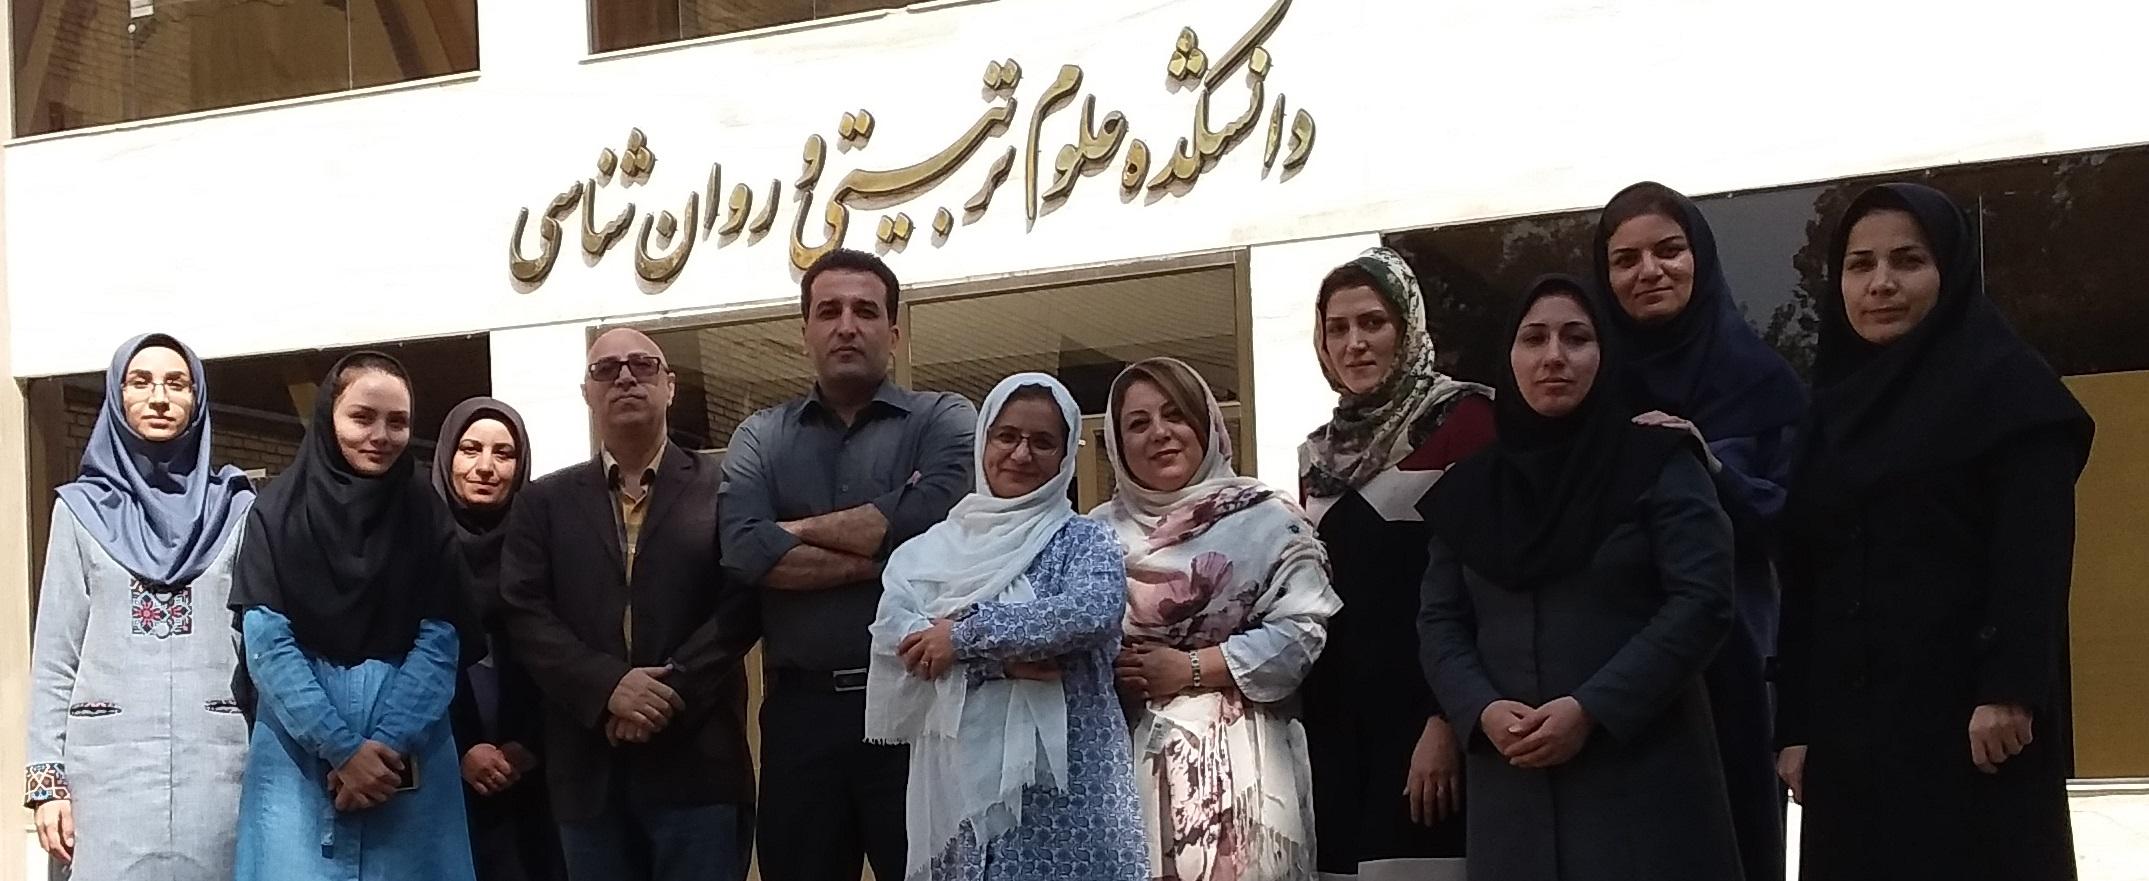 """برگزاری ششمین دوره مهارتی """"ارزیابی جامع کارکردهای عالی شناختی مغز"""" در دانشگاه فردوسی مشهد"""